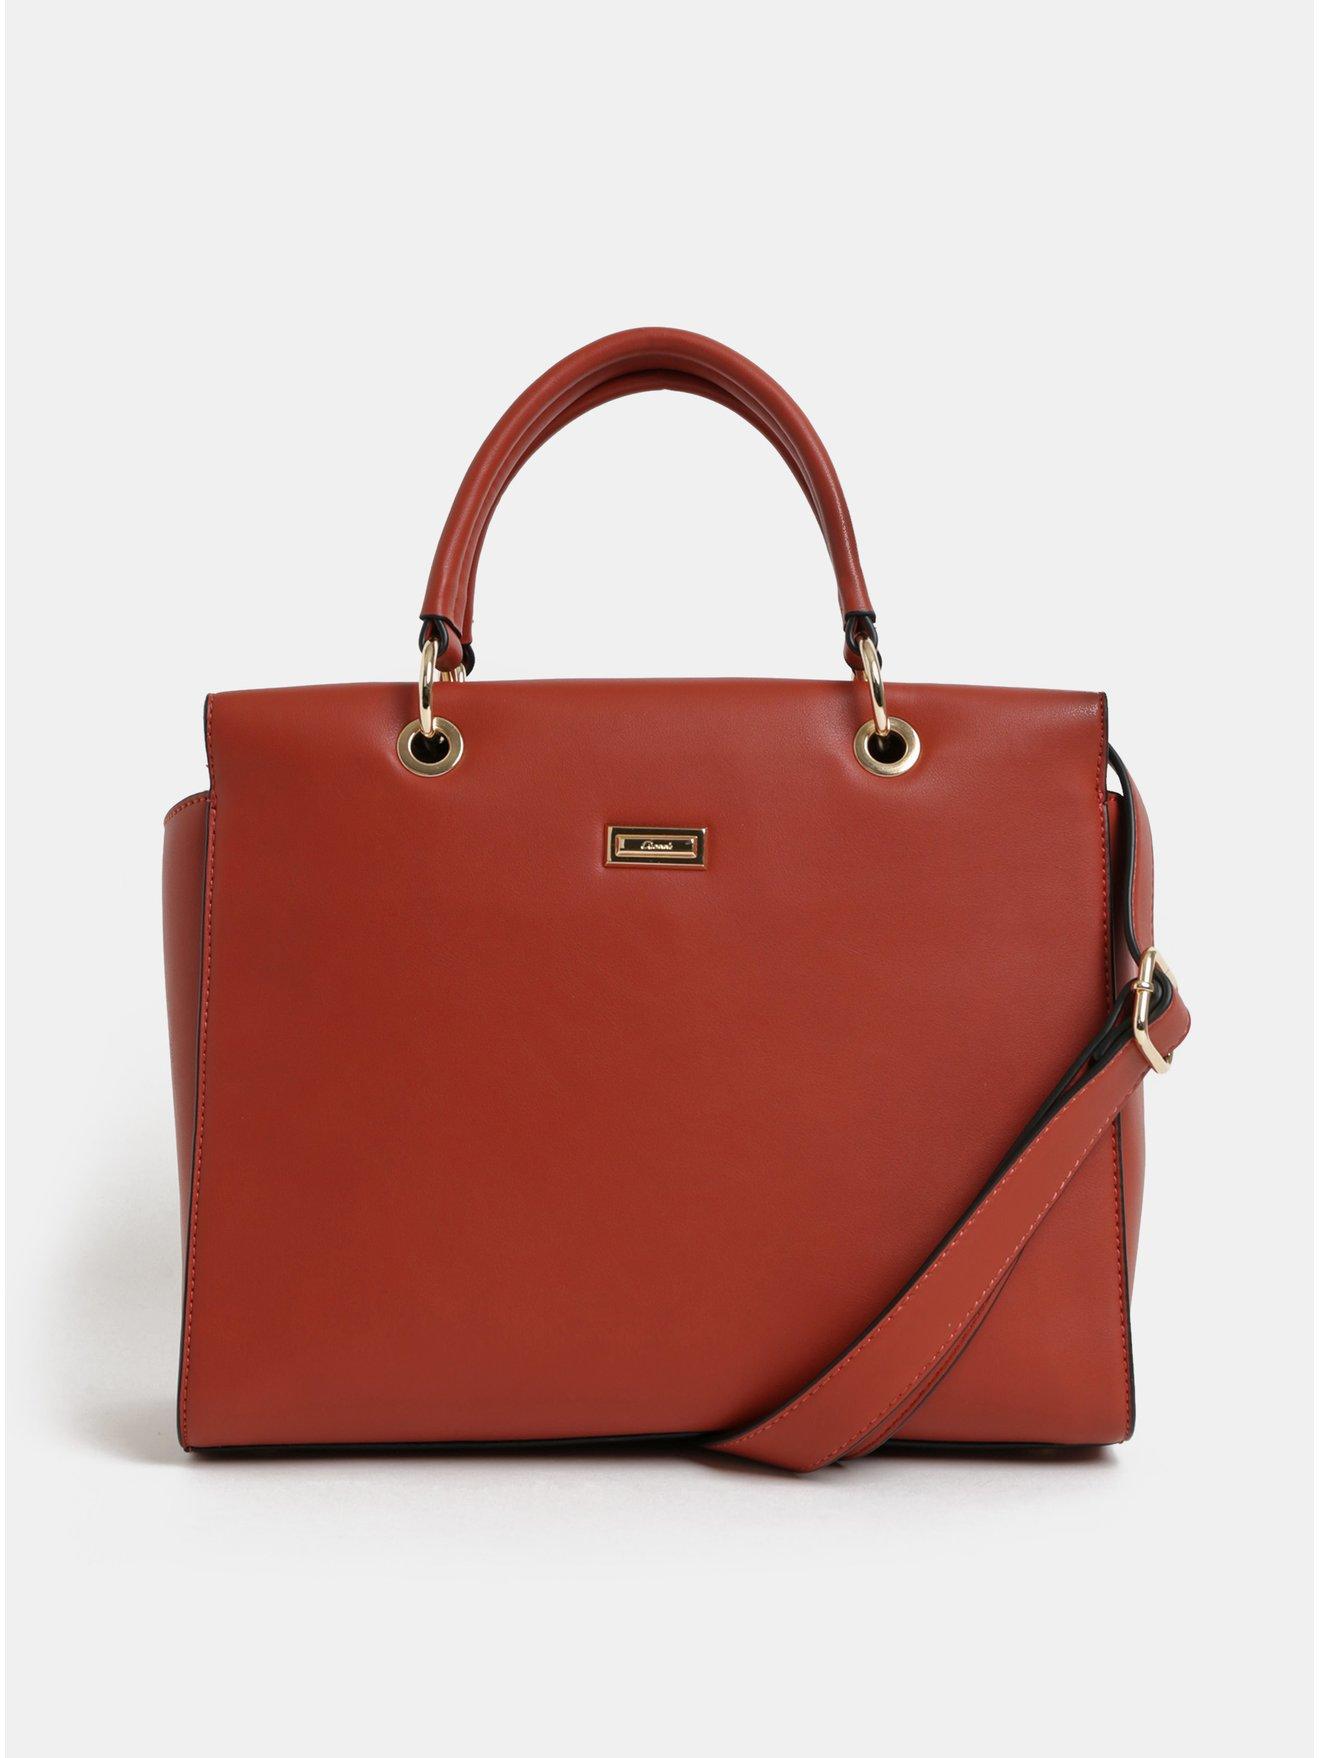 dd0e4b27bf Cíhlová kabelka s detaily ve zlaté barvě Gionni Cleo Top - Dámské kabelky